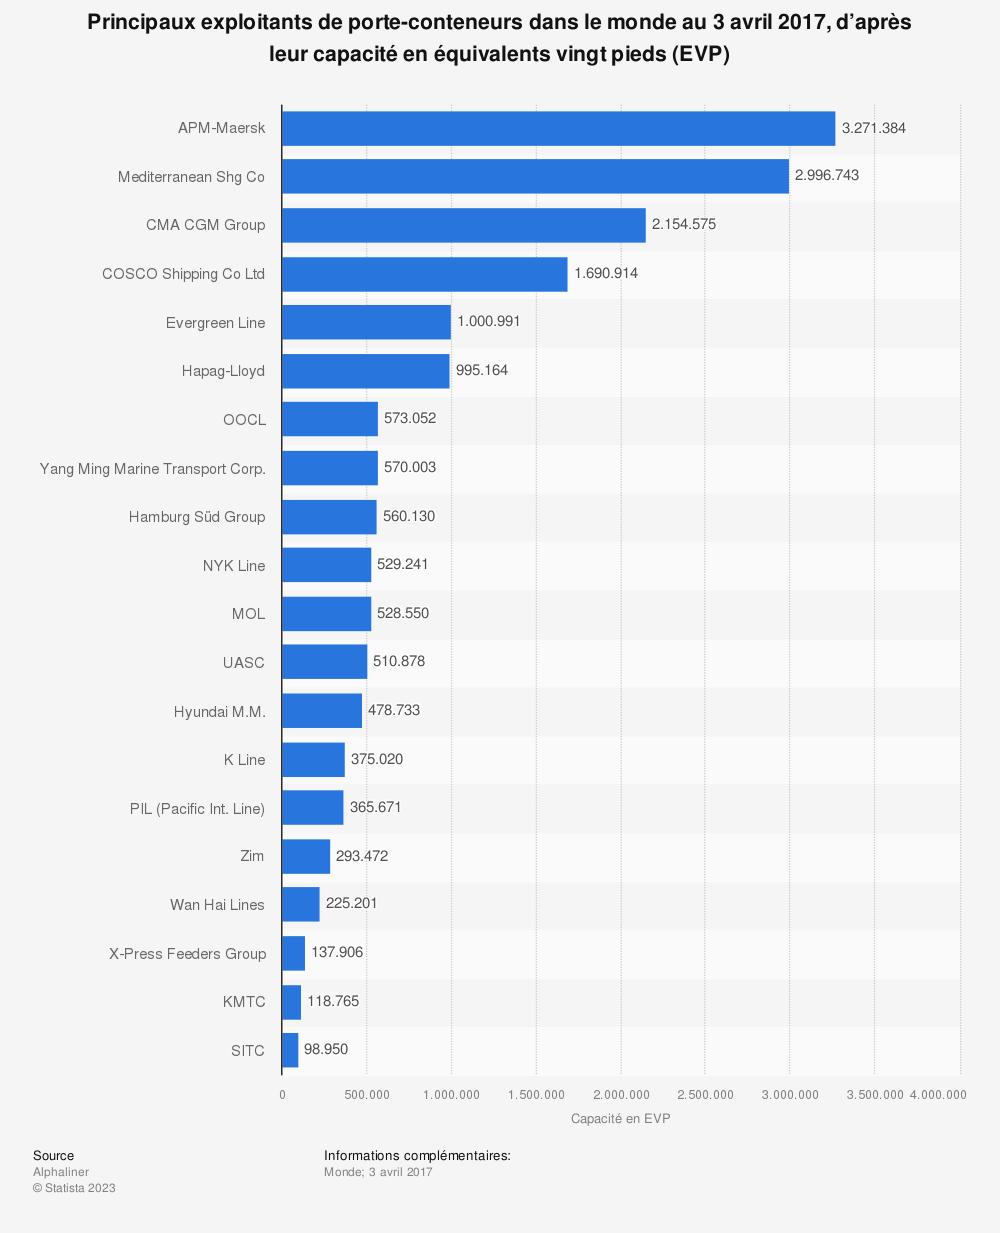 Statistique: Principaux exploitants de porte-conteneurs dans le monde au 3 avril 2017, d'après leur capacité en équivalents vingt pieds (EVP) | Statista